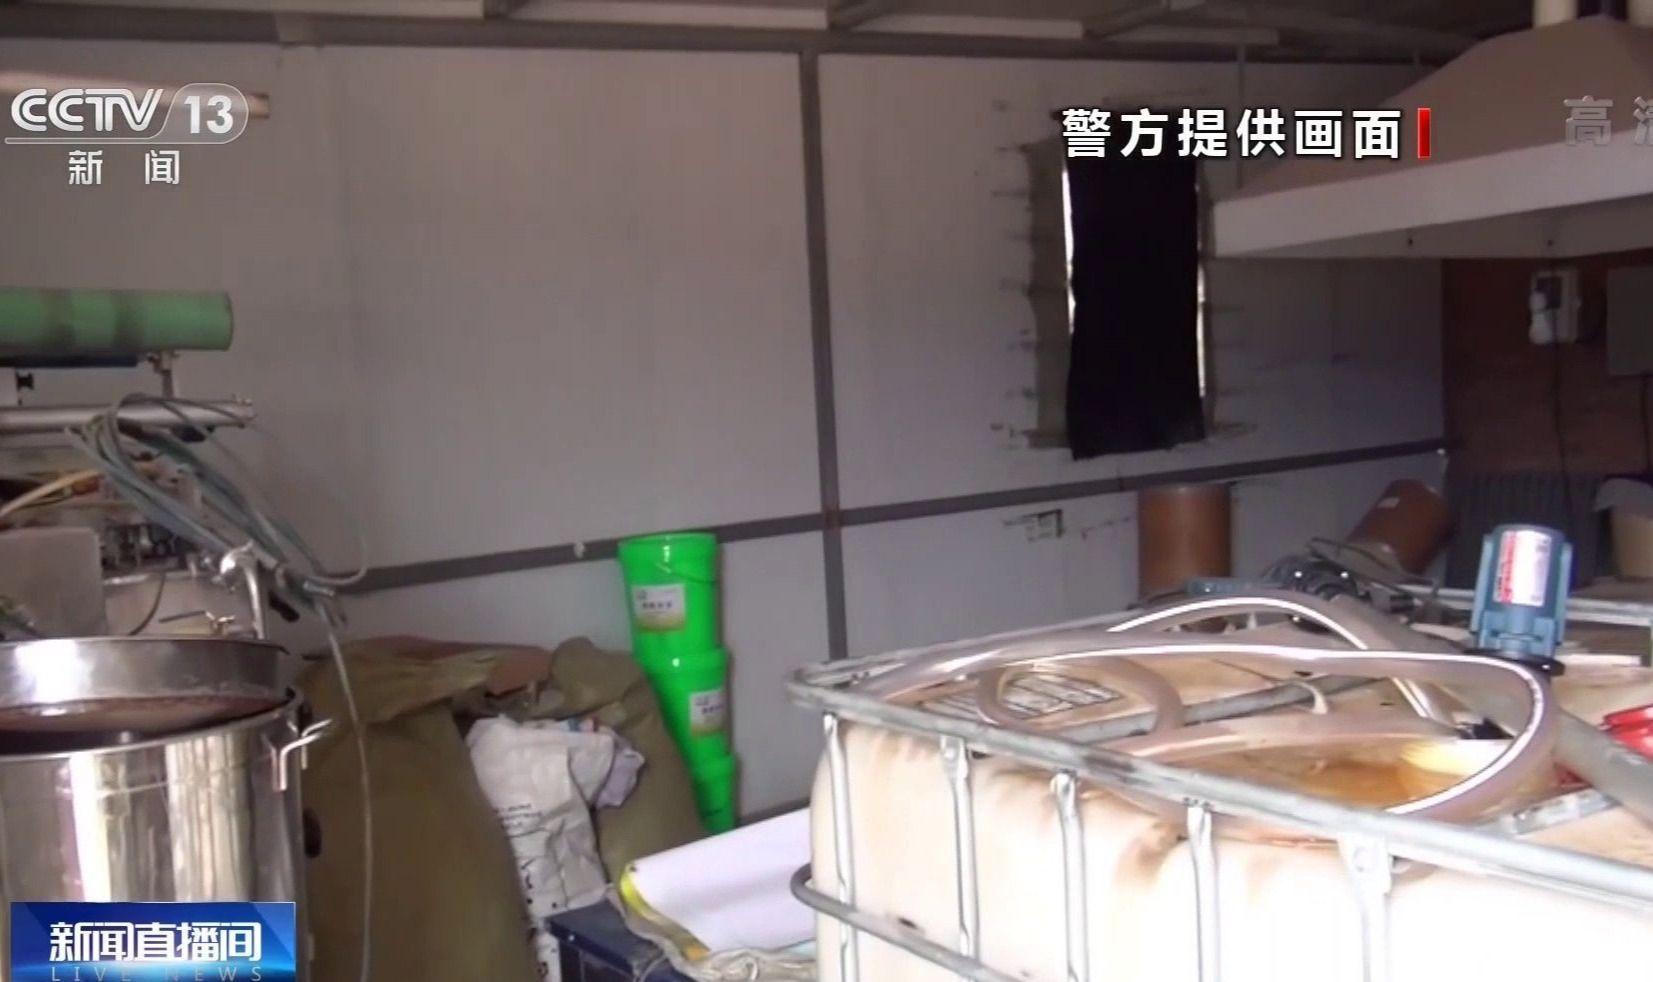 浙江警方侦破特大跨省制售伪劣农药案:价值超7600万元 抓获18人